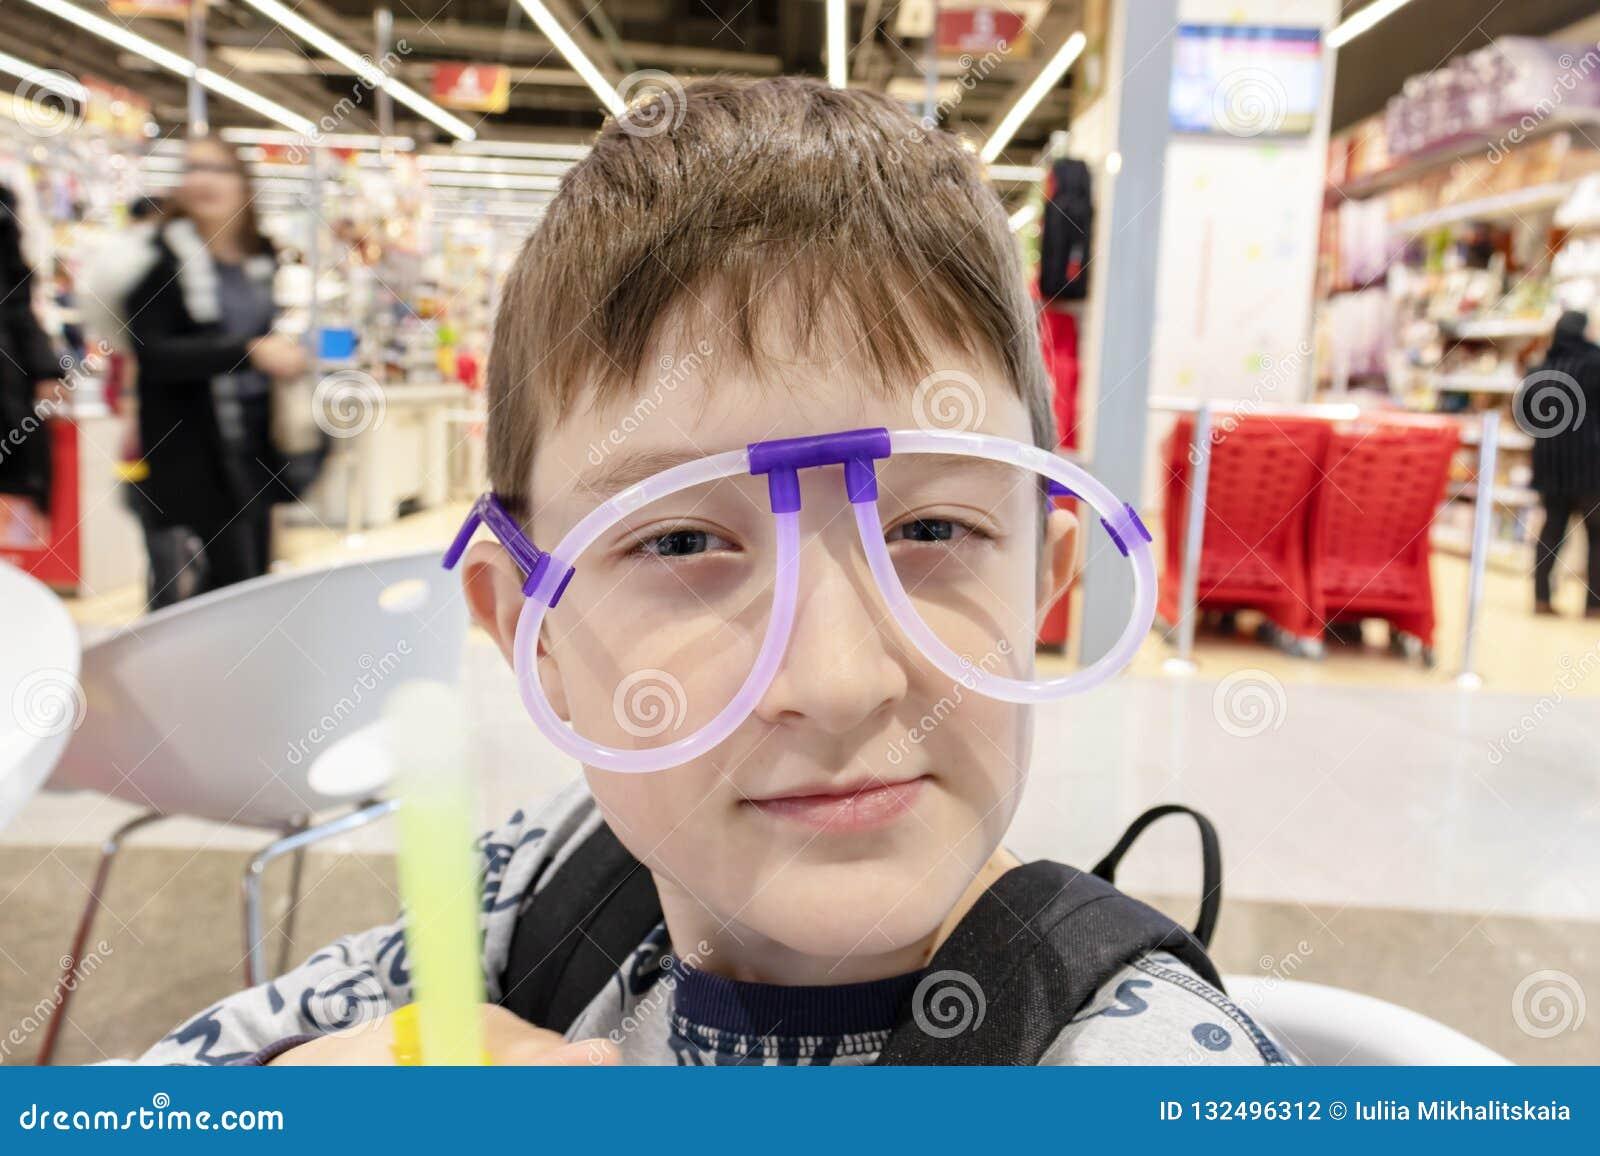 Portret śmieszna śliczna chłopiec jest ubranym dziwacznych szkła robić fluorescencyjne neonowe tubki, centrum handlowe